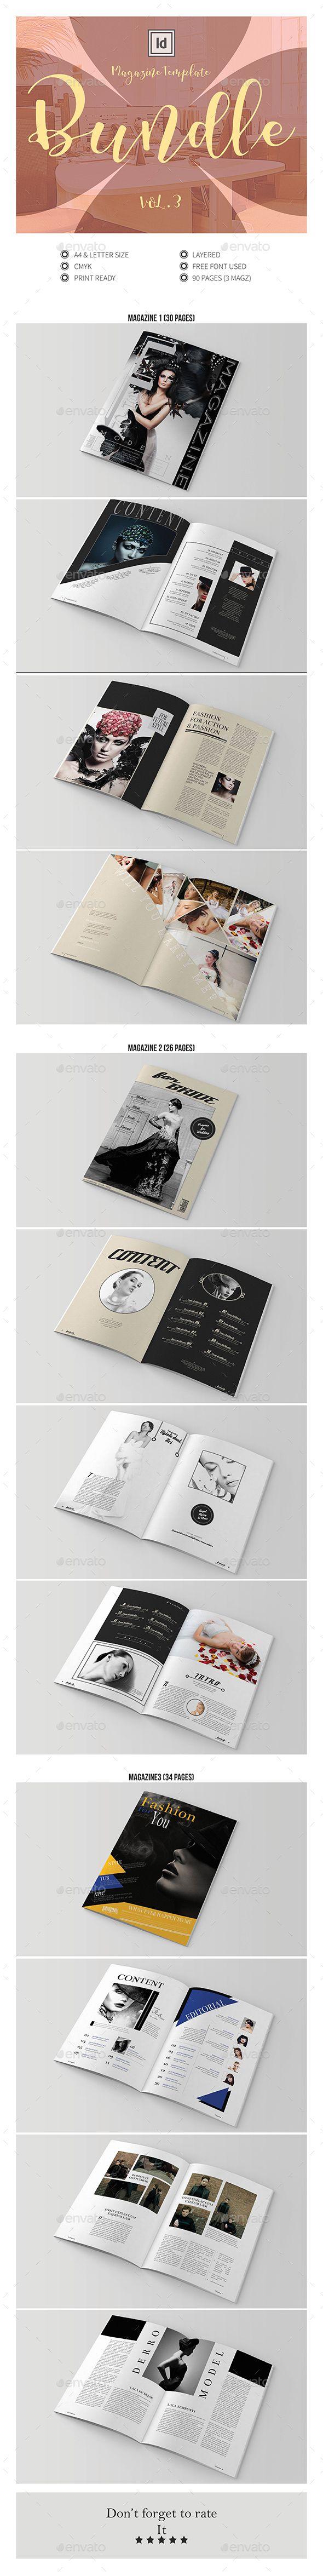 Multipurpose InDesign Magazine Template Bundle V.3 | Indesign ...